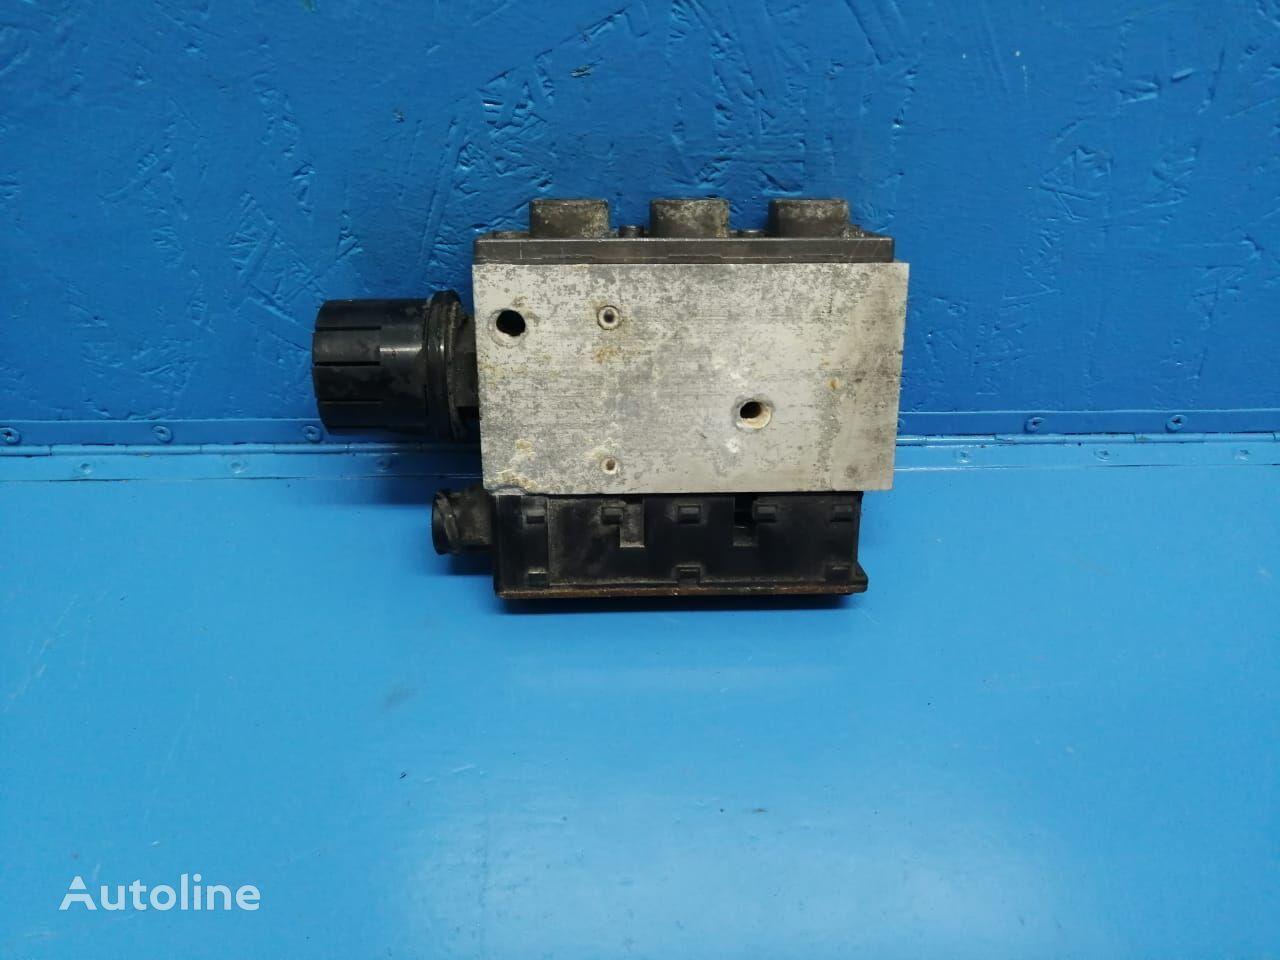 Volvo Elektromagnitnyy klapan valve for truck